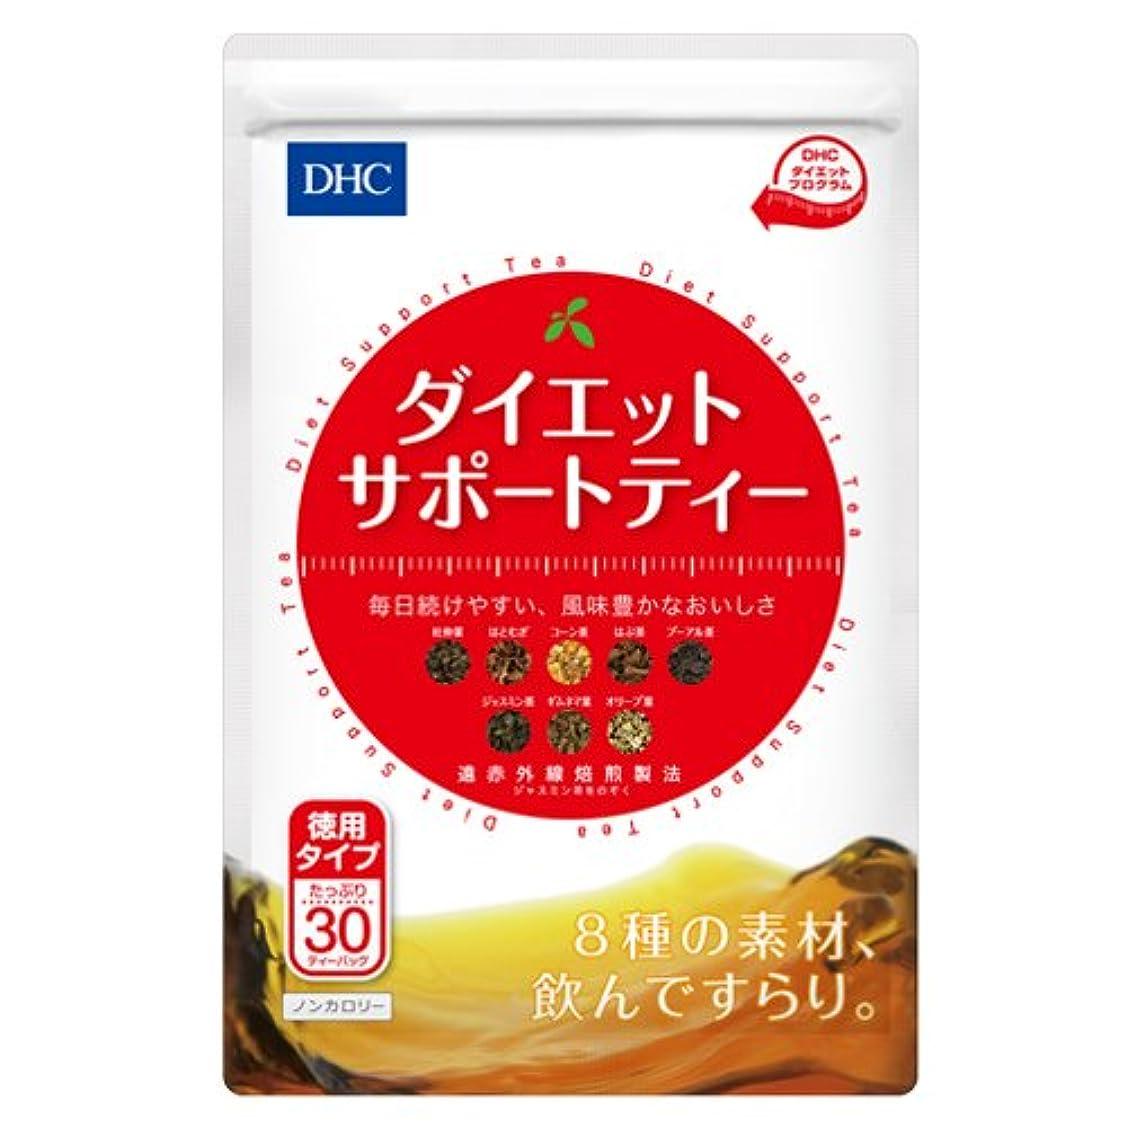 ハンバーガーアルファベット順ドラムDHC ダイエットサポートティー (30ティーバッグ入)